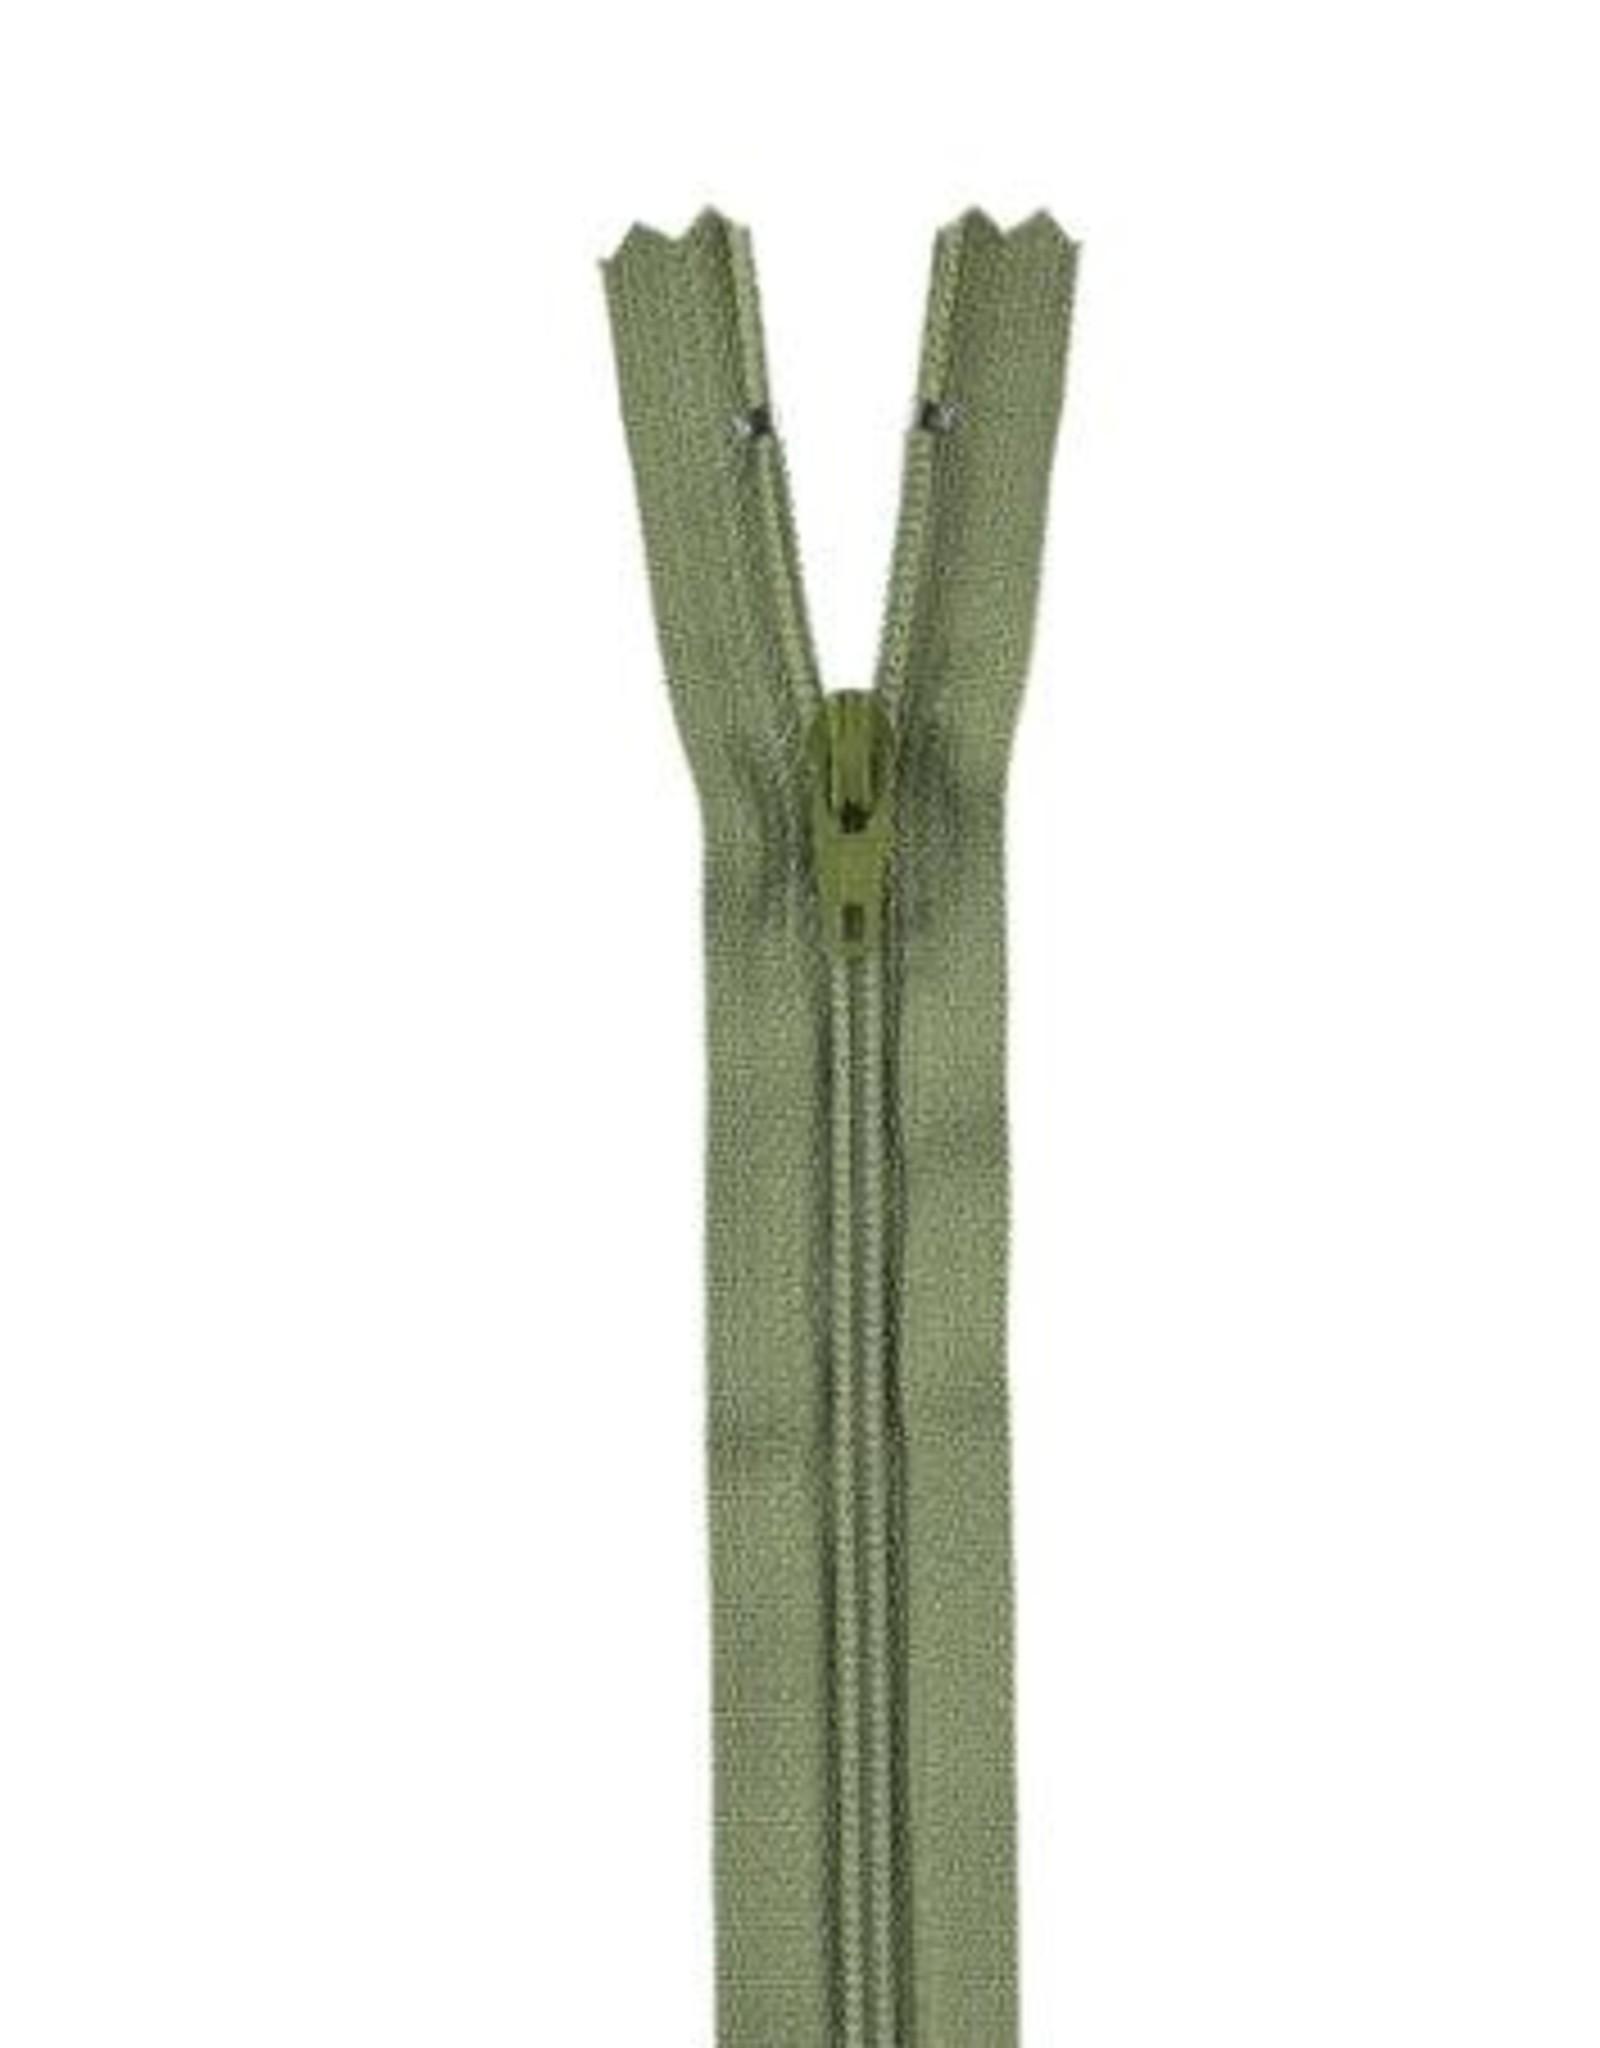 YKK Spiraalrits niet-DB 3mm mosgroen 888-12cm